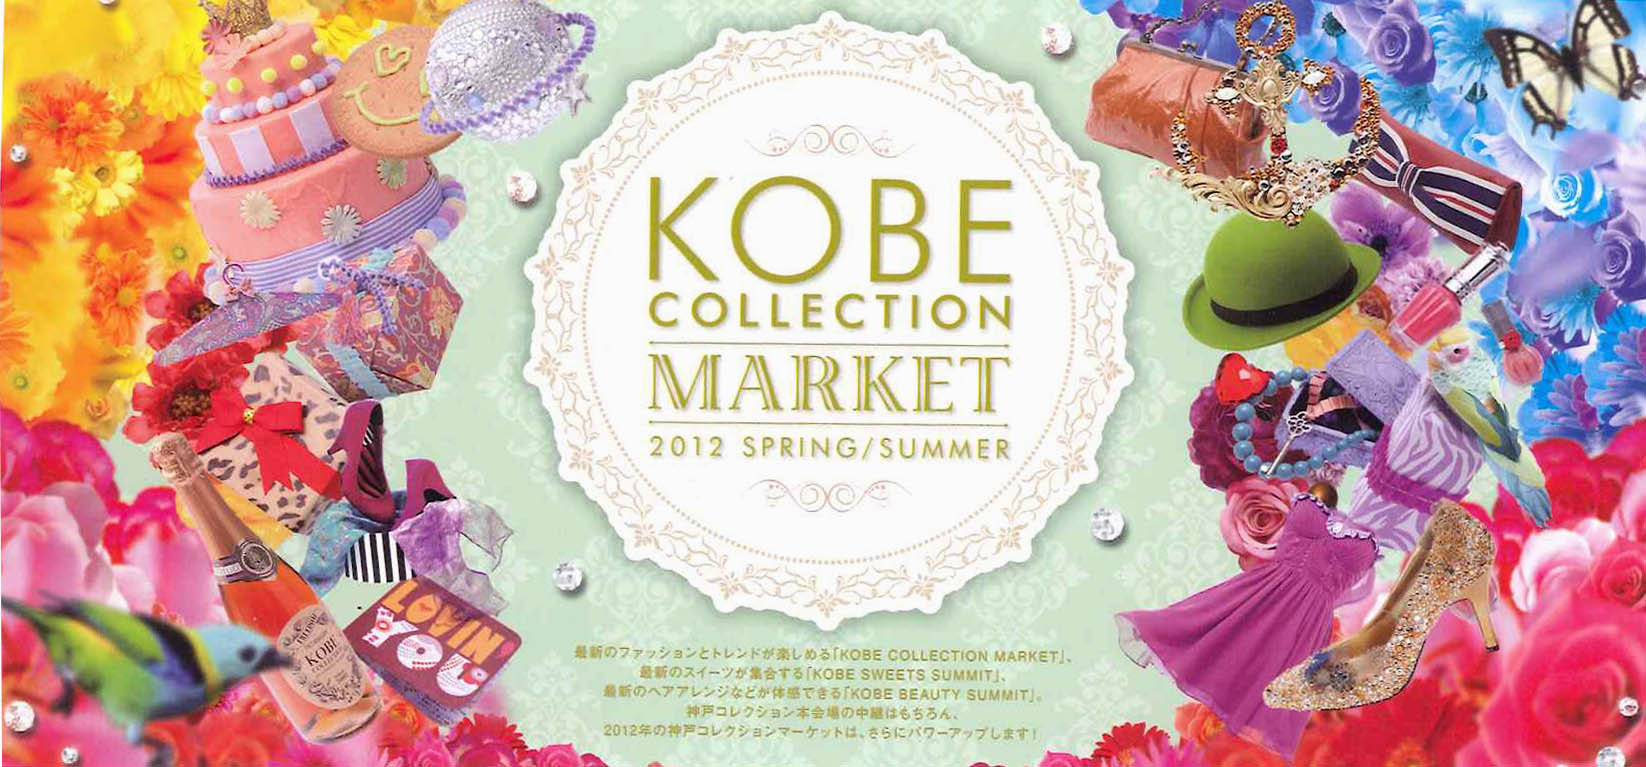 神戸コレクションマーケット1